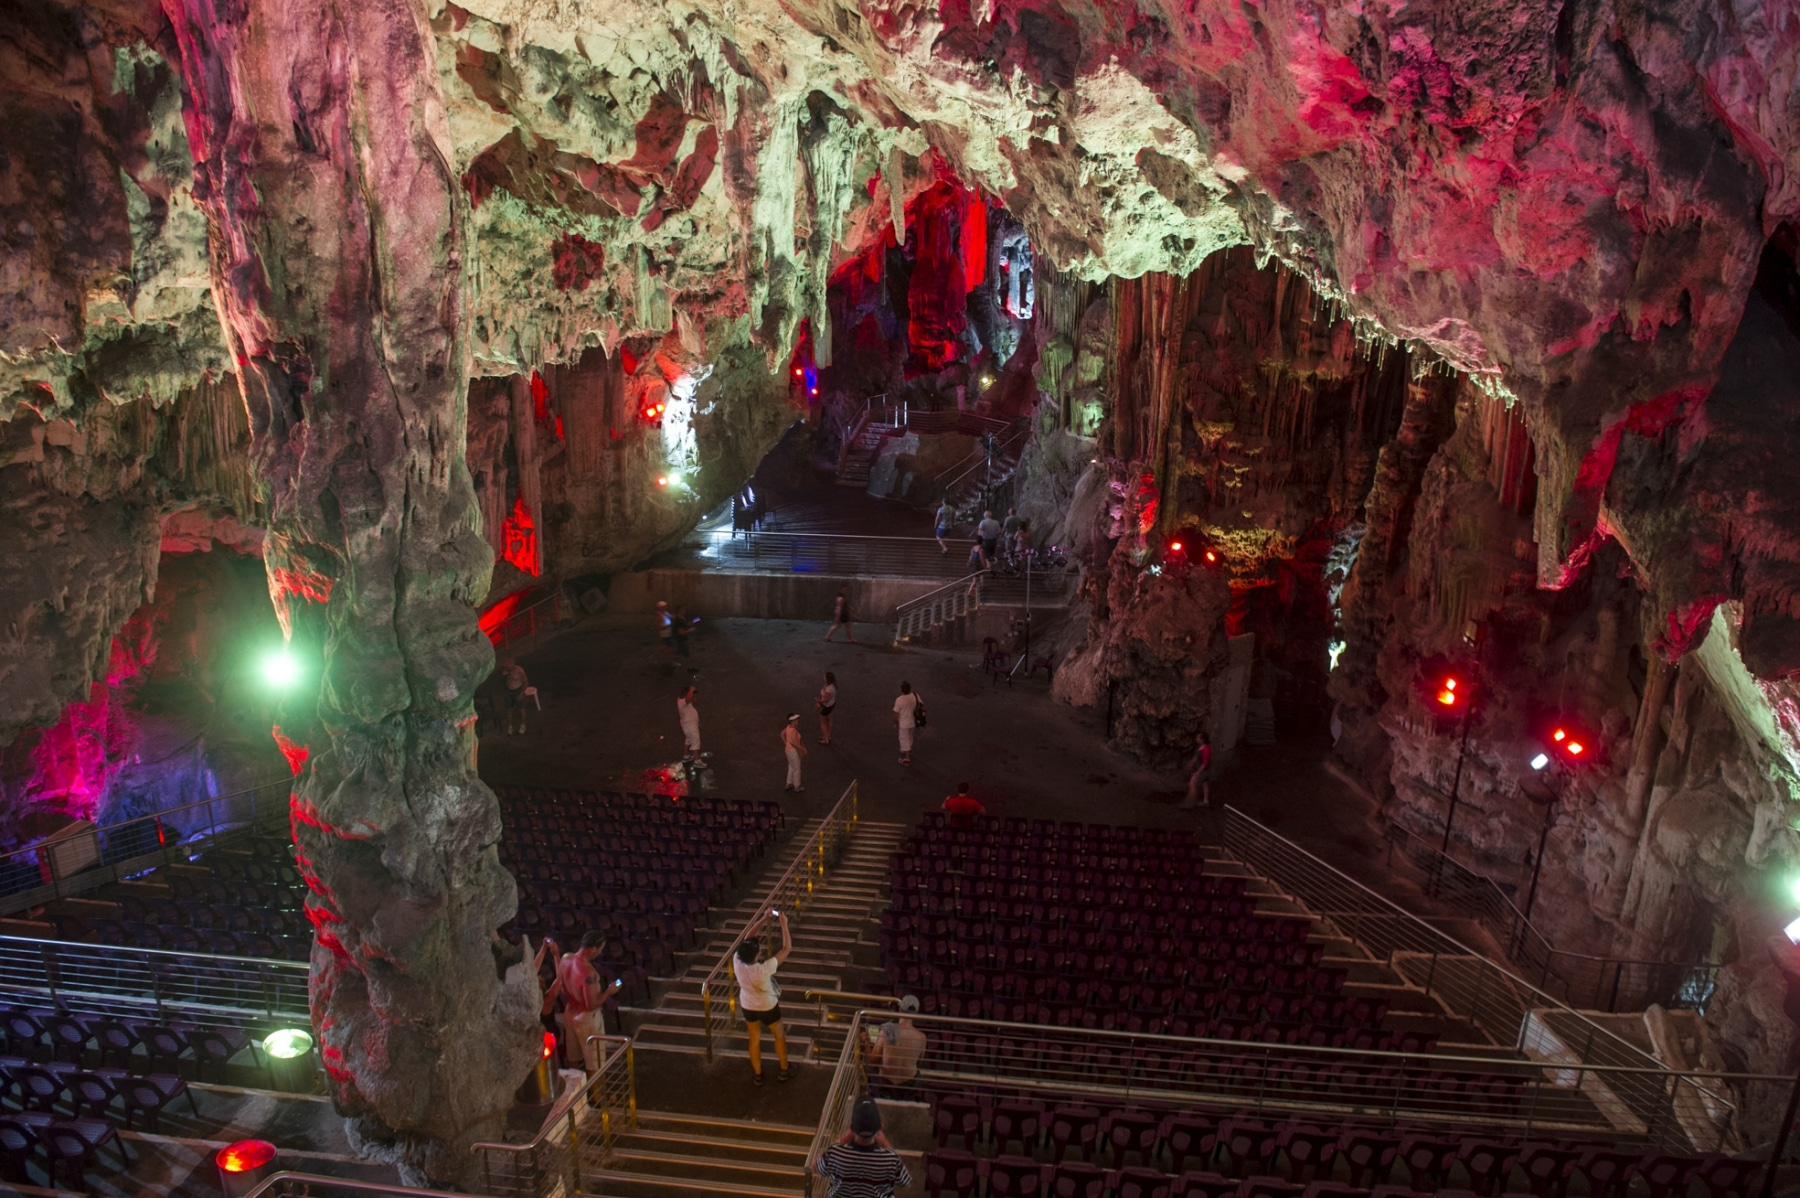 cueva-de-st-michael-gibraltar_22745638715_o